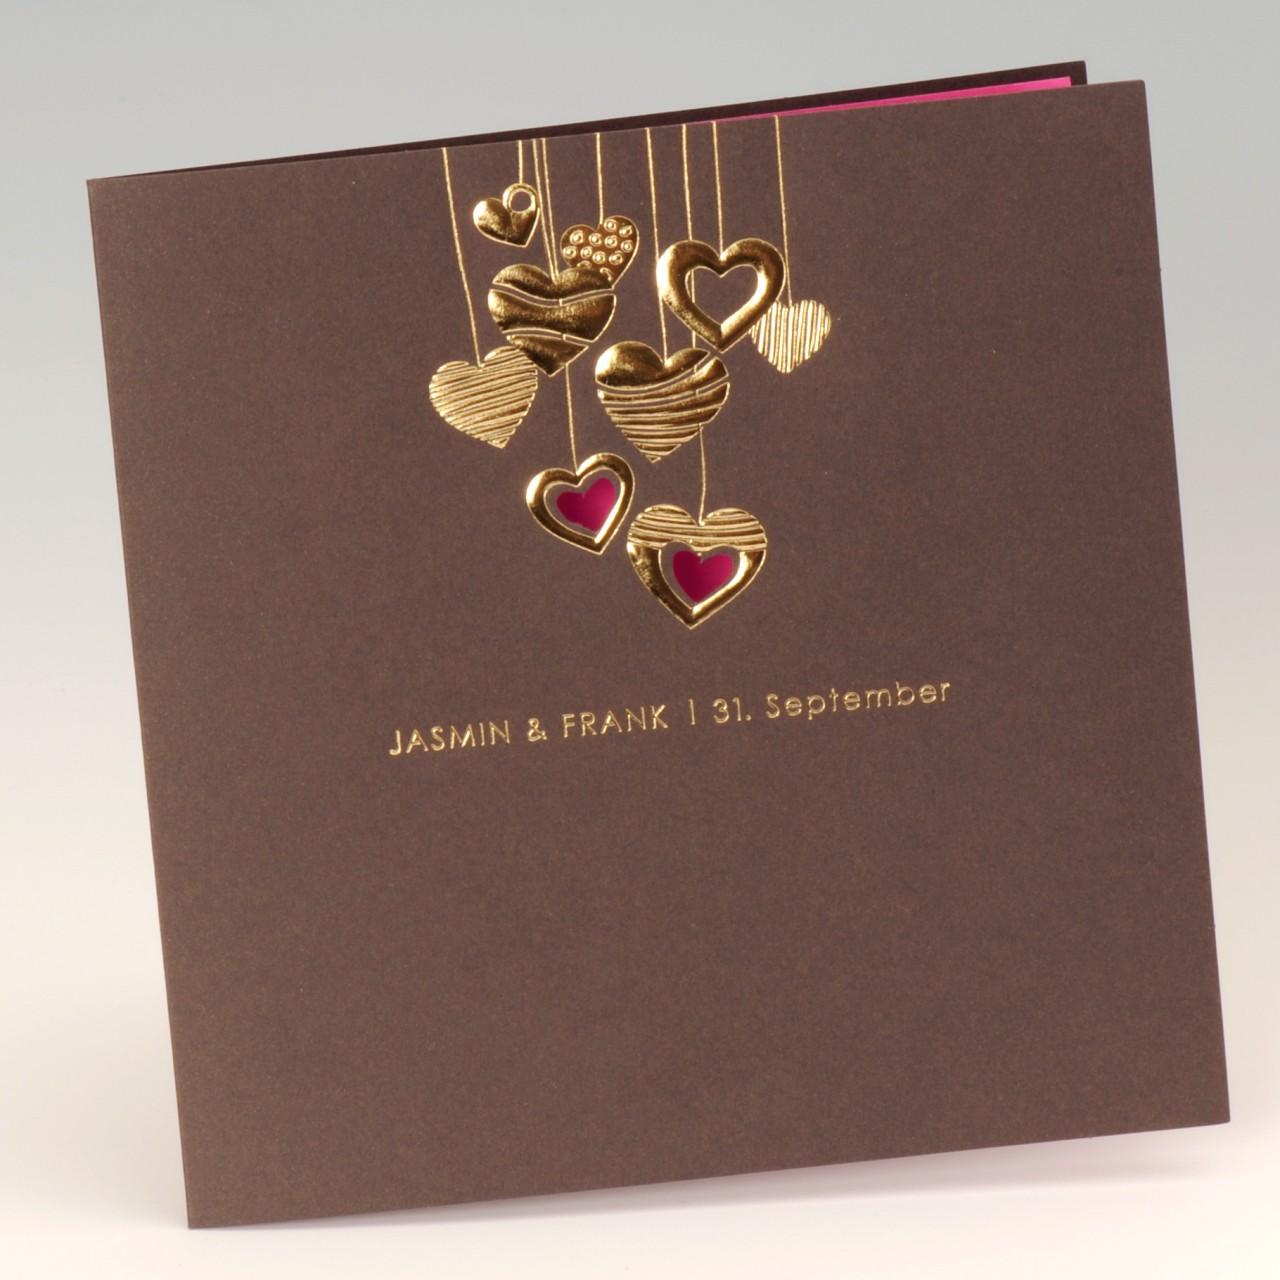 Dunkelbraune Karte mit geprägten Herzen und pinkfarbenem Einleger<br> <b> Folienprägung (Namen) bereits im Preis inbegriffen! </b>